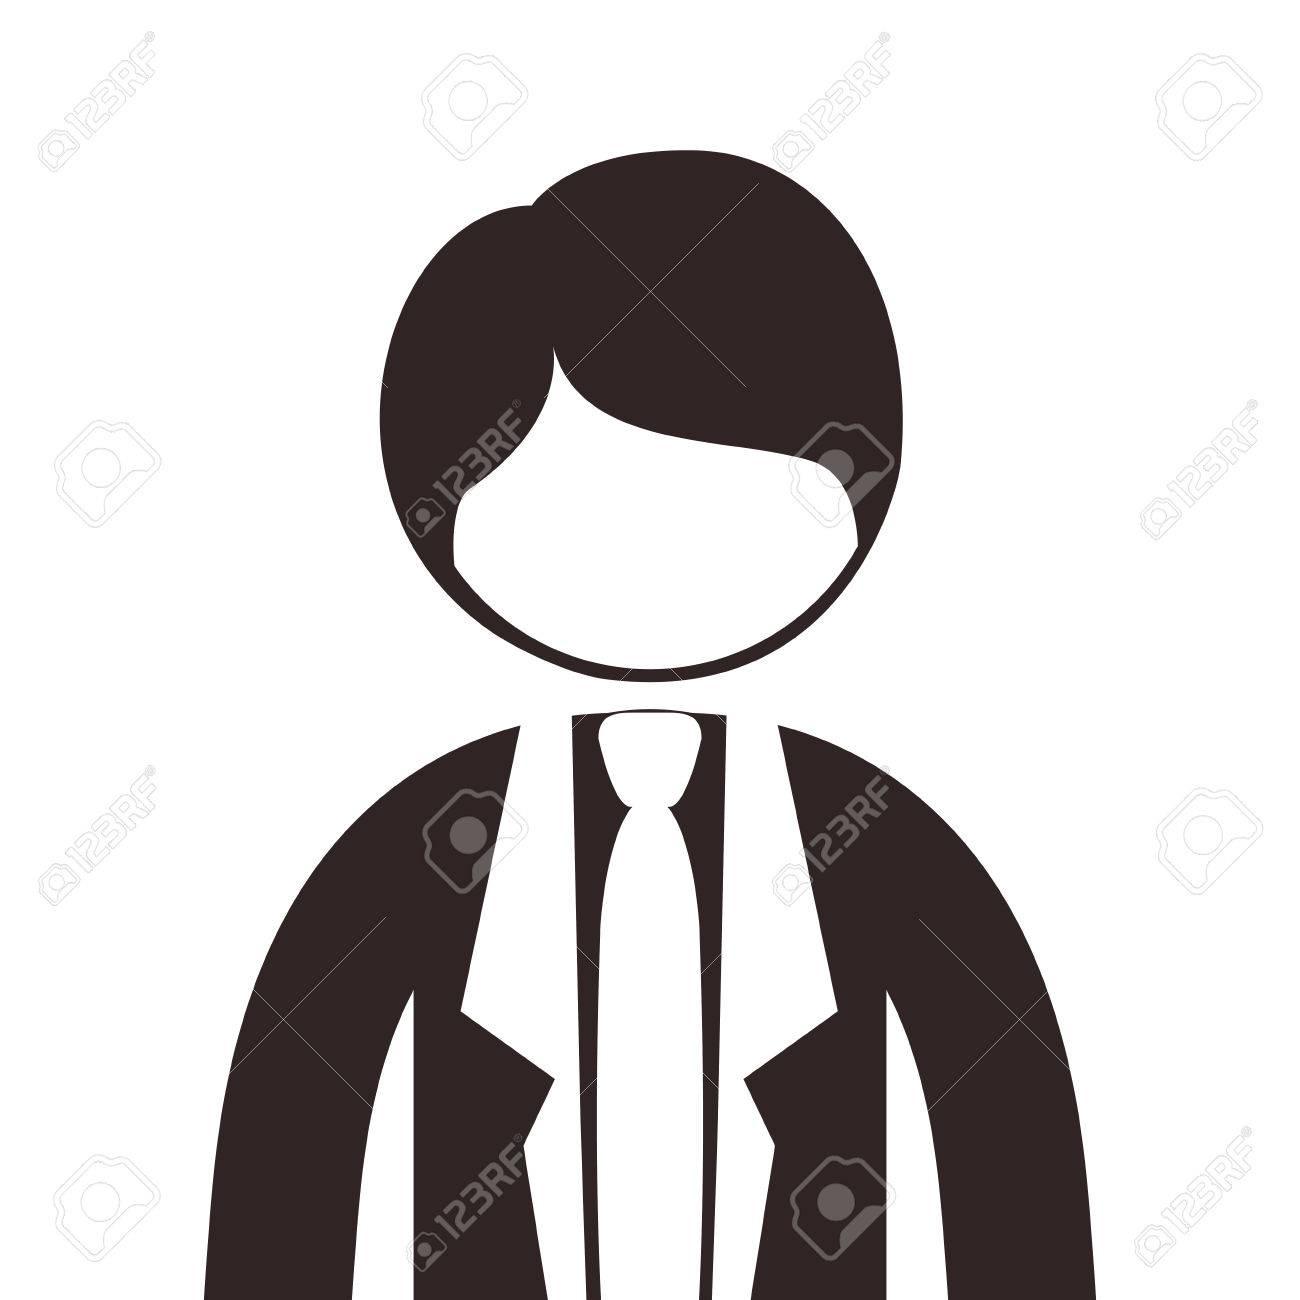 シルエット半身男スーツ ネクタイ ベクトル イラストのイラスト素材